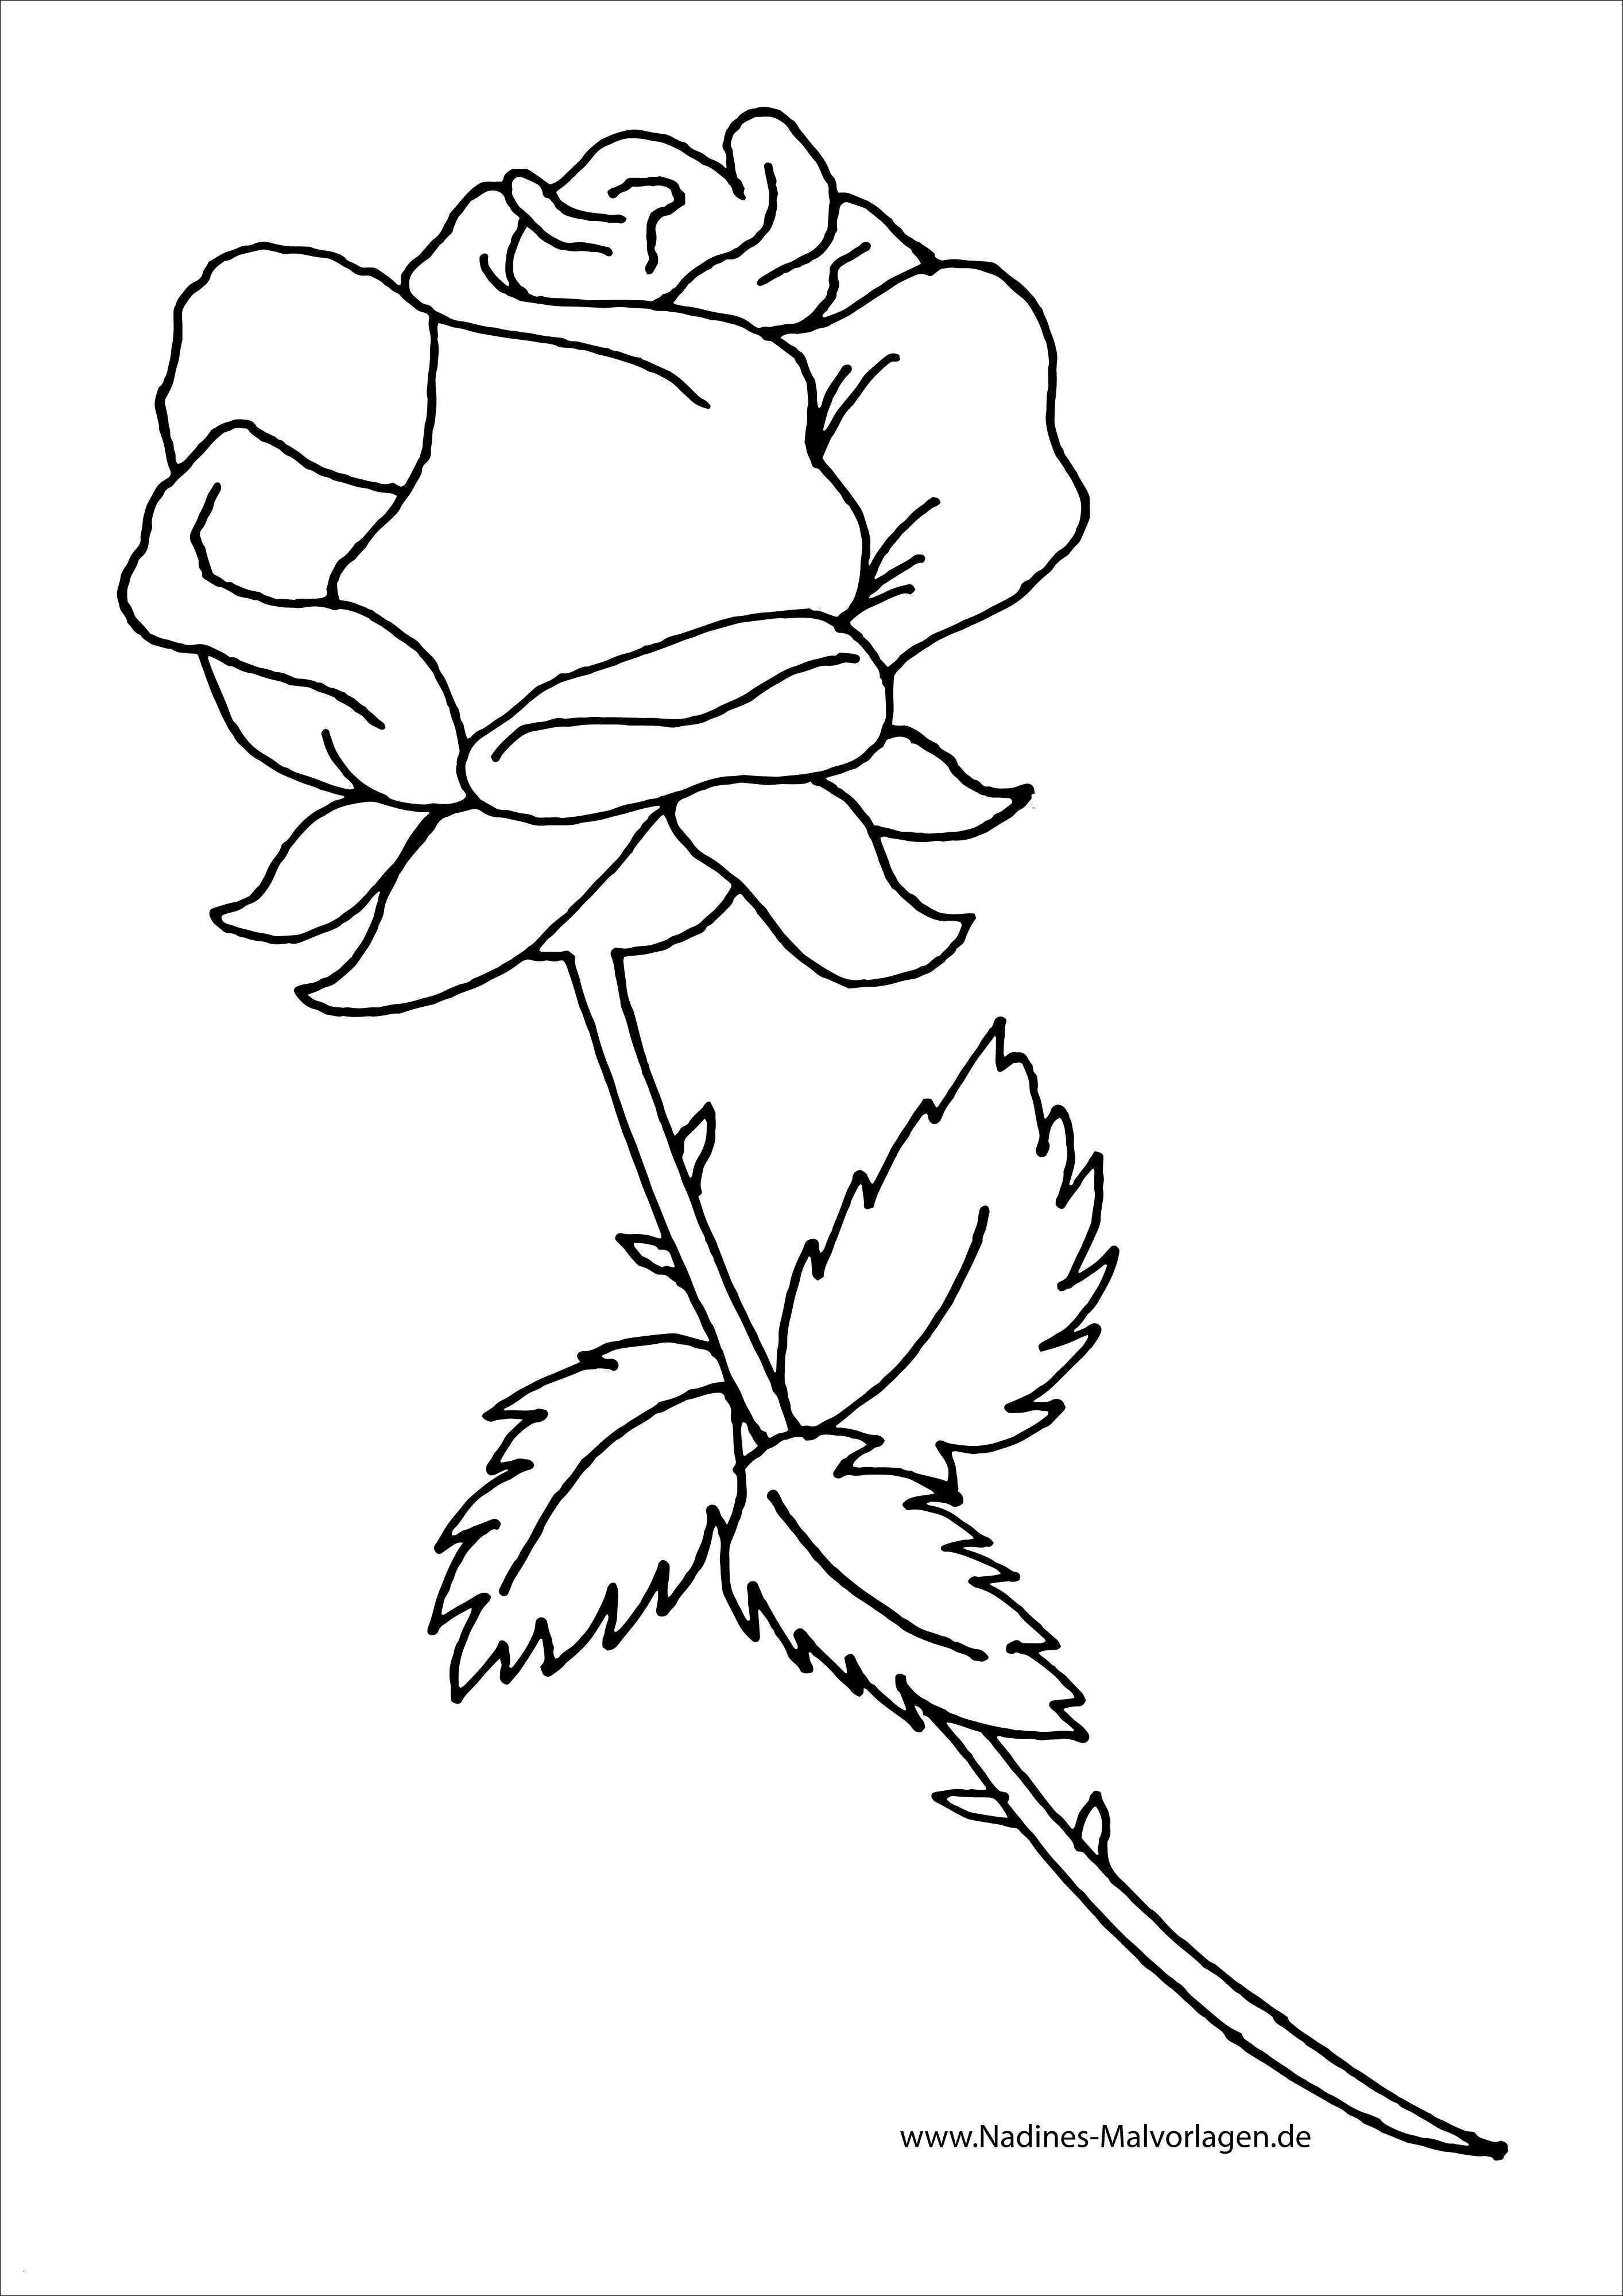 Ausmalbilder Rosen Mit Herz Genial Ausmalbilder Rosen Mit Herz Fotos Ausmalbilder Rosen Mit Herz Best Sammlung